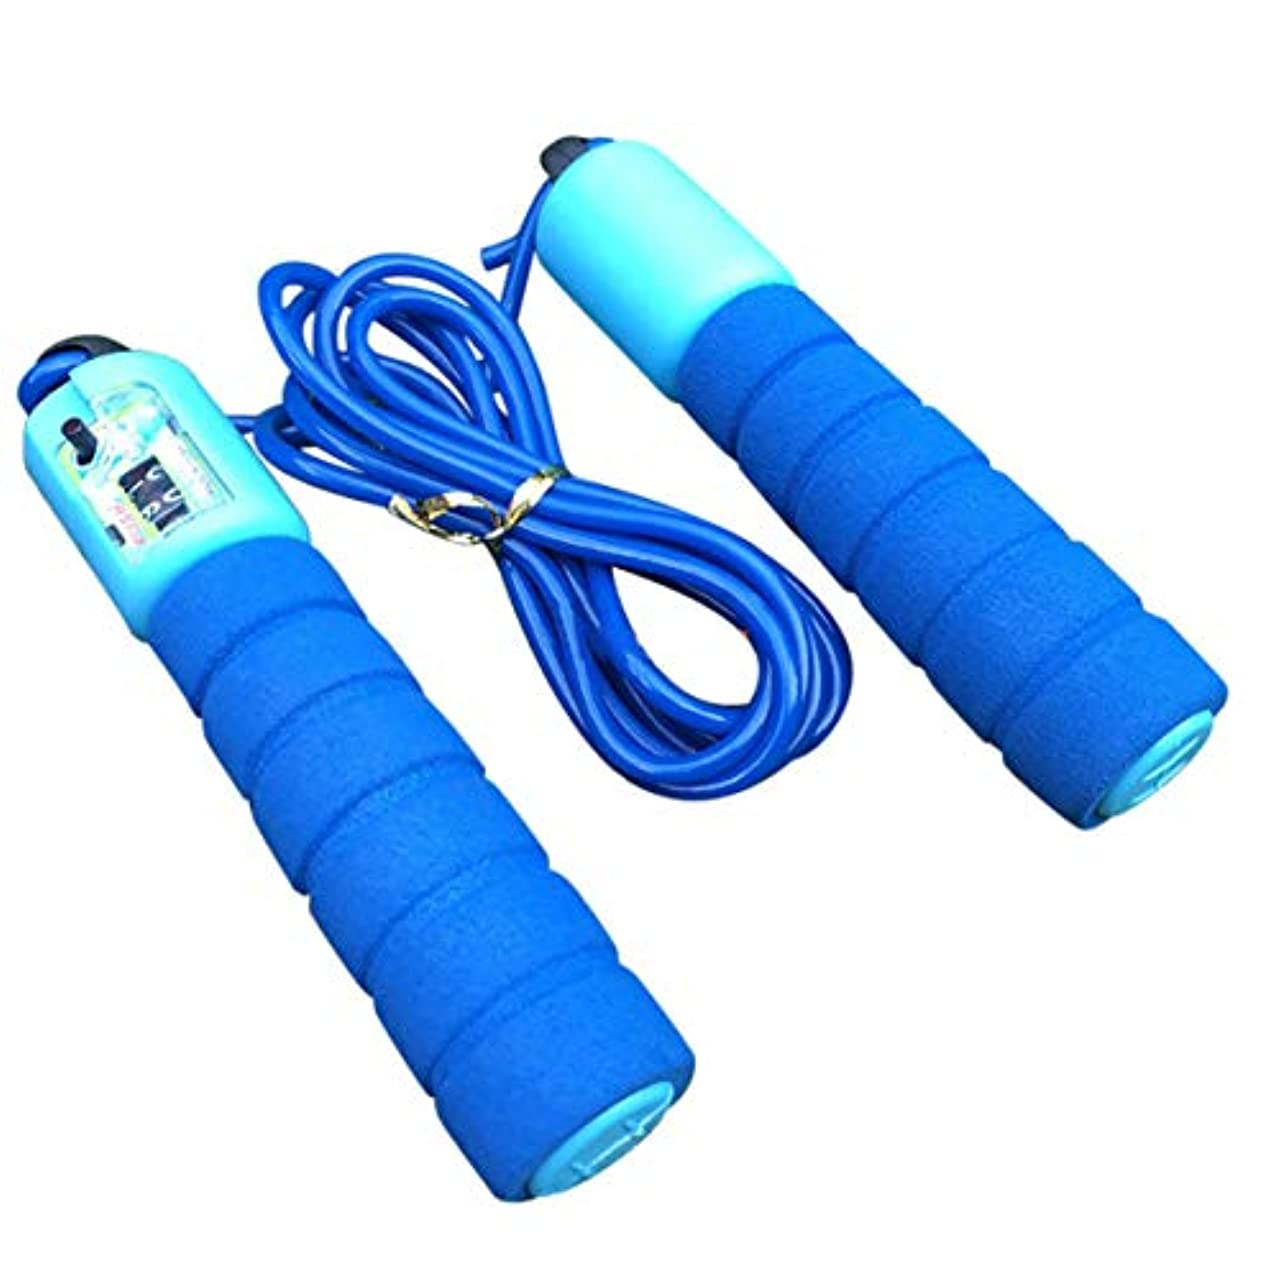 エレガントお誕生日入場料調整可能なプロフェッショナルカウント縄跳び自動カウントジャンプロープフィットネス運動高速カウントジャンプロープ - 青